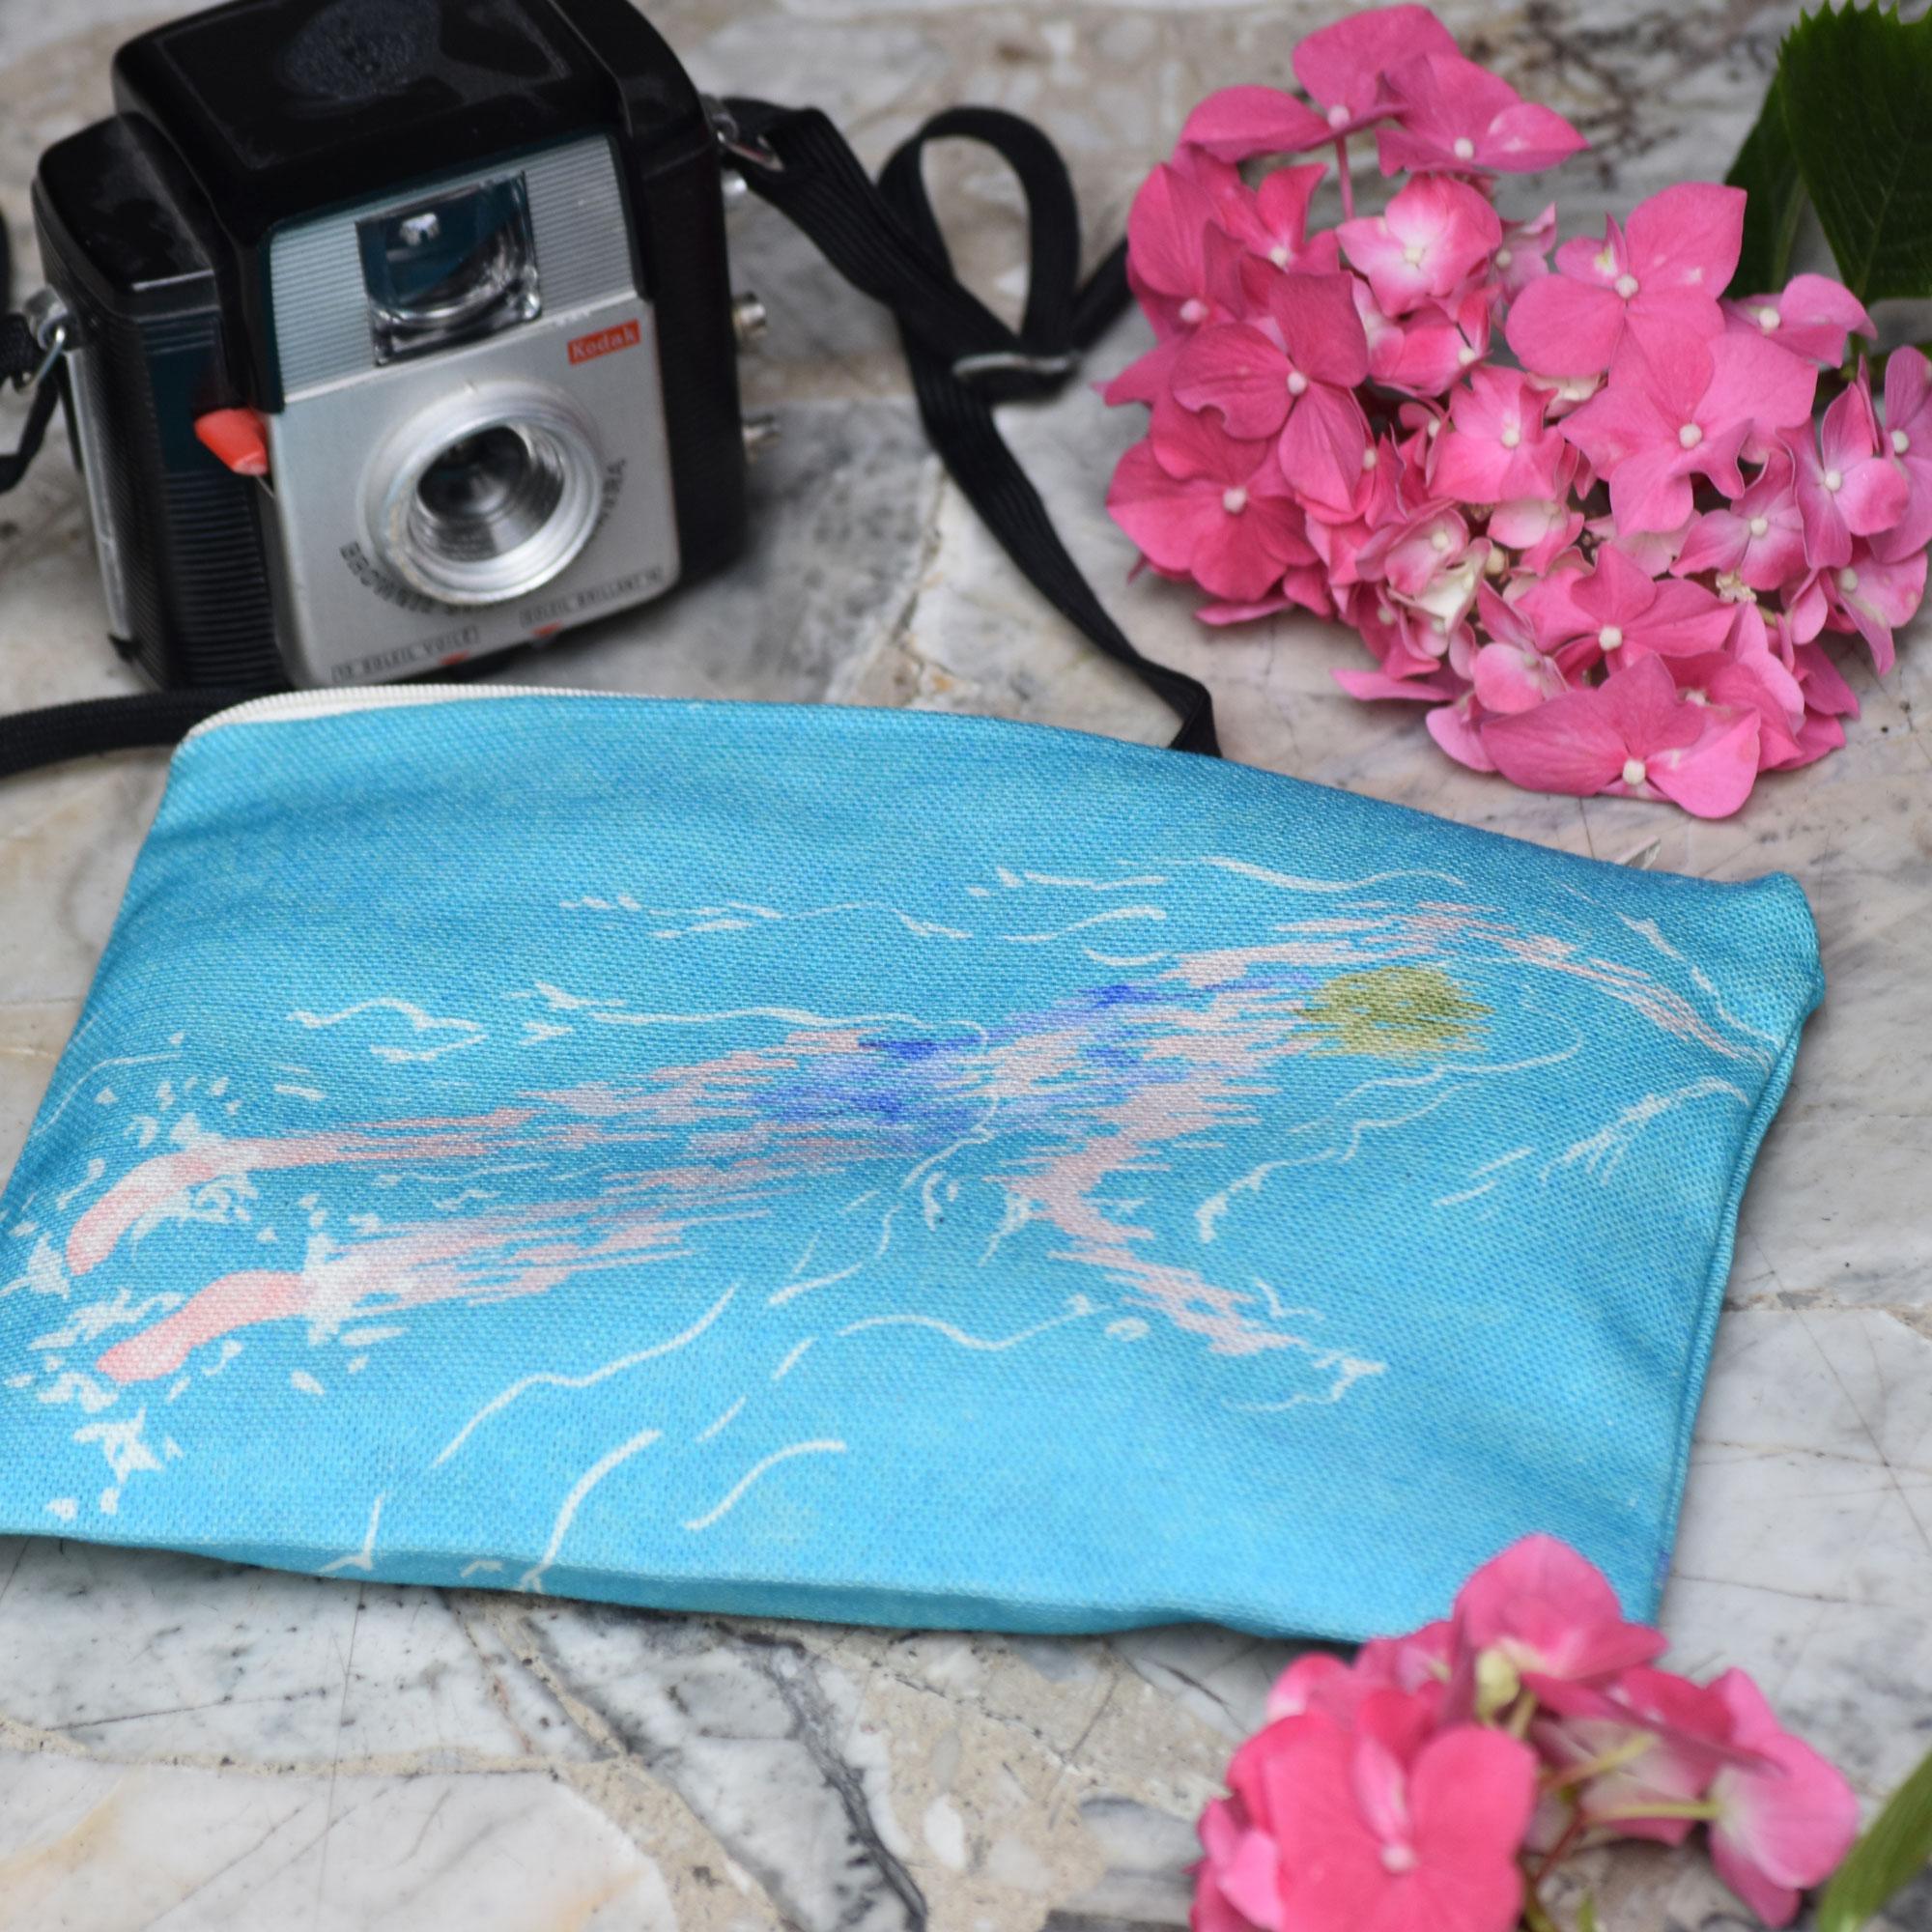 Pochette en tissu avec une fleur rose et un vieil appareil photo. Le motif sur la pochette représente une nageuse sur fond bleu